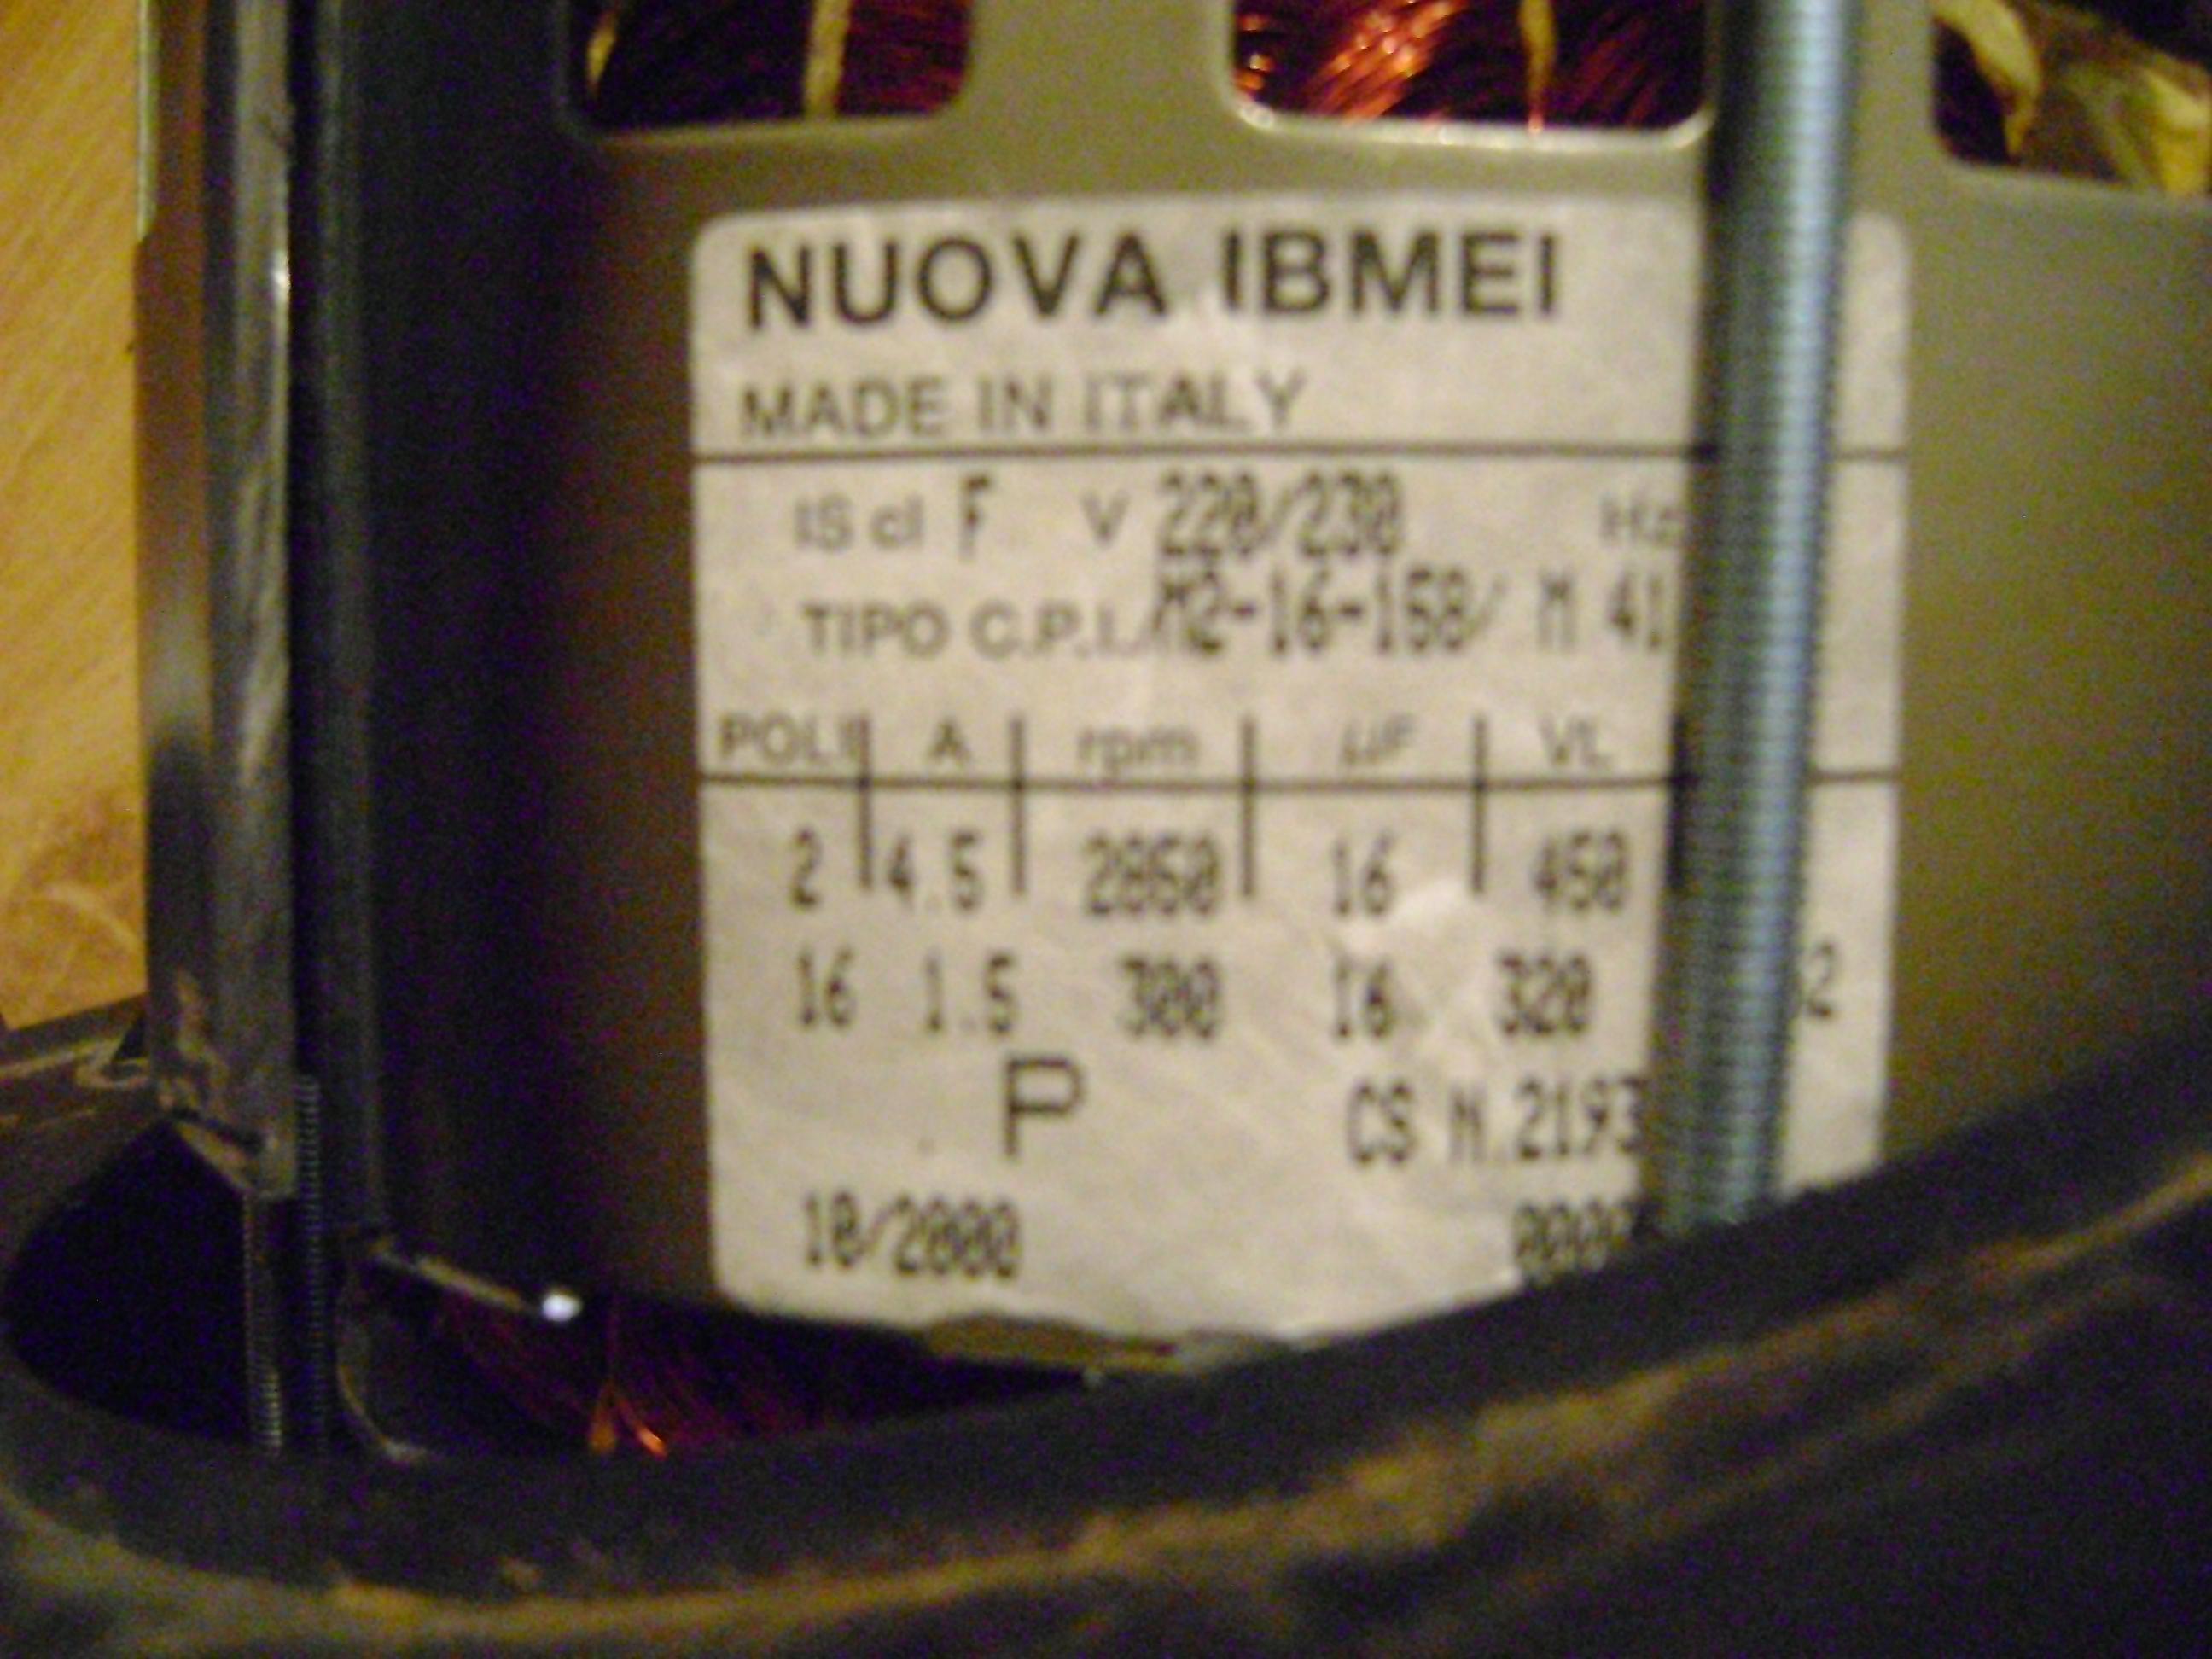 Ardo  - Silnik od pralki NUOVA IBMEI made in Italy zmiana obrot�w WIROWANIA